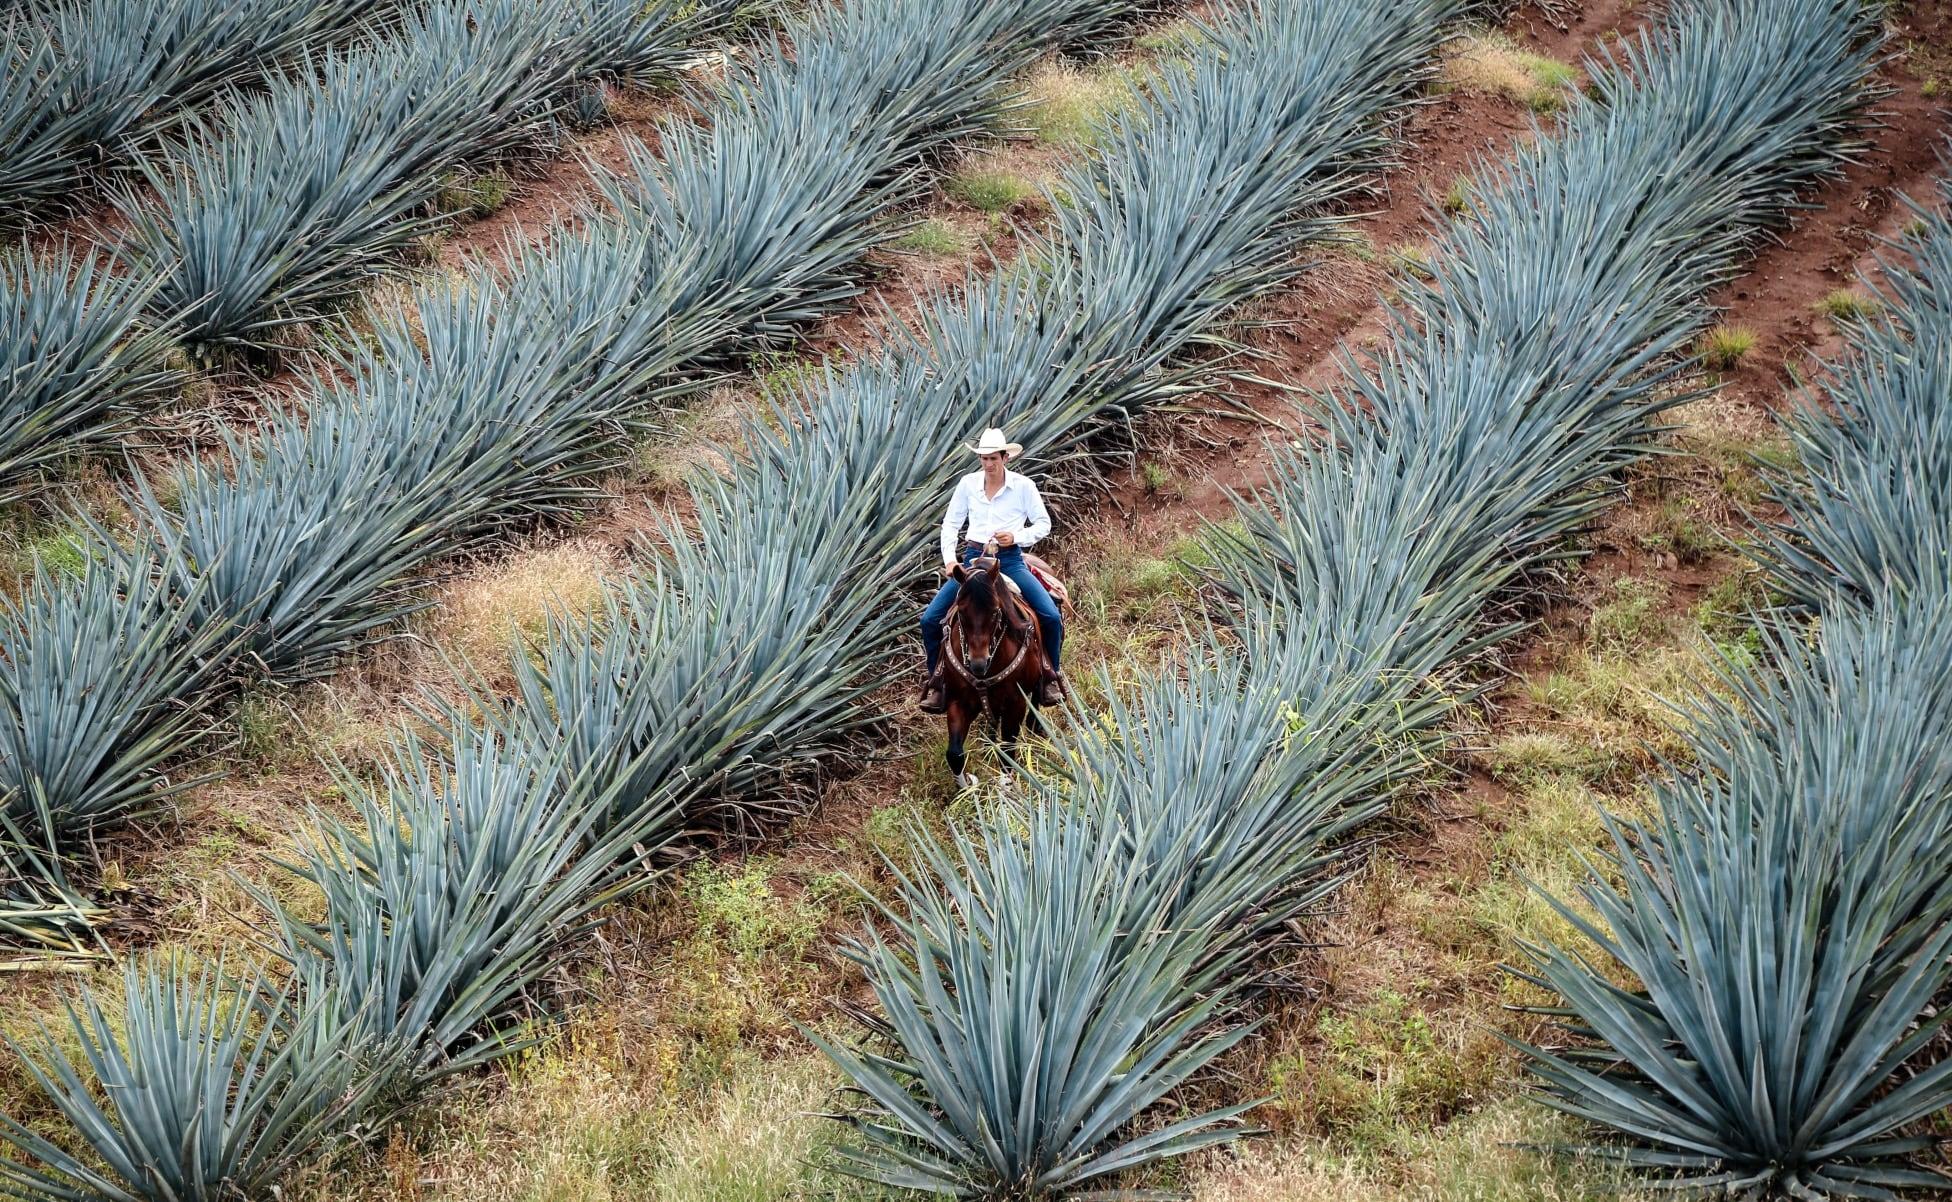 campos de planta para hacer tequila agave azul